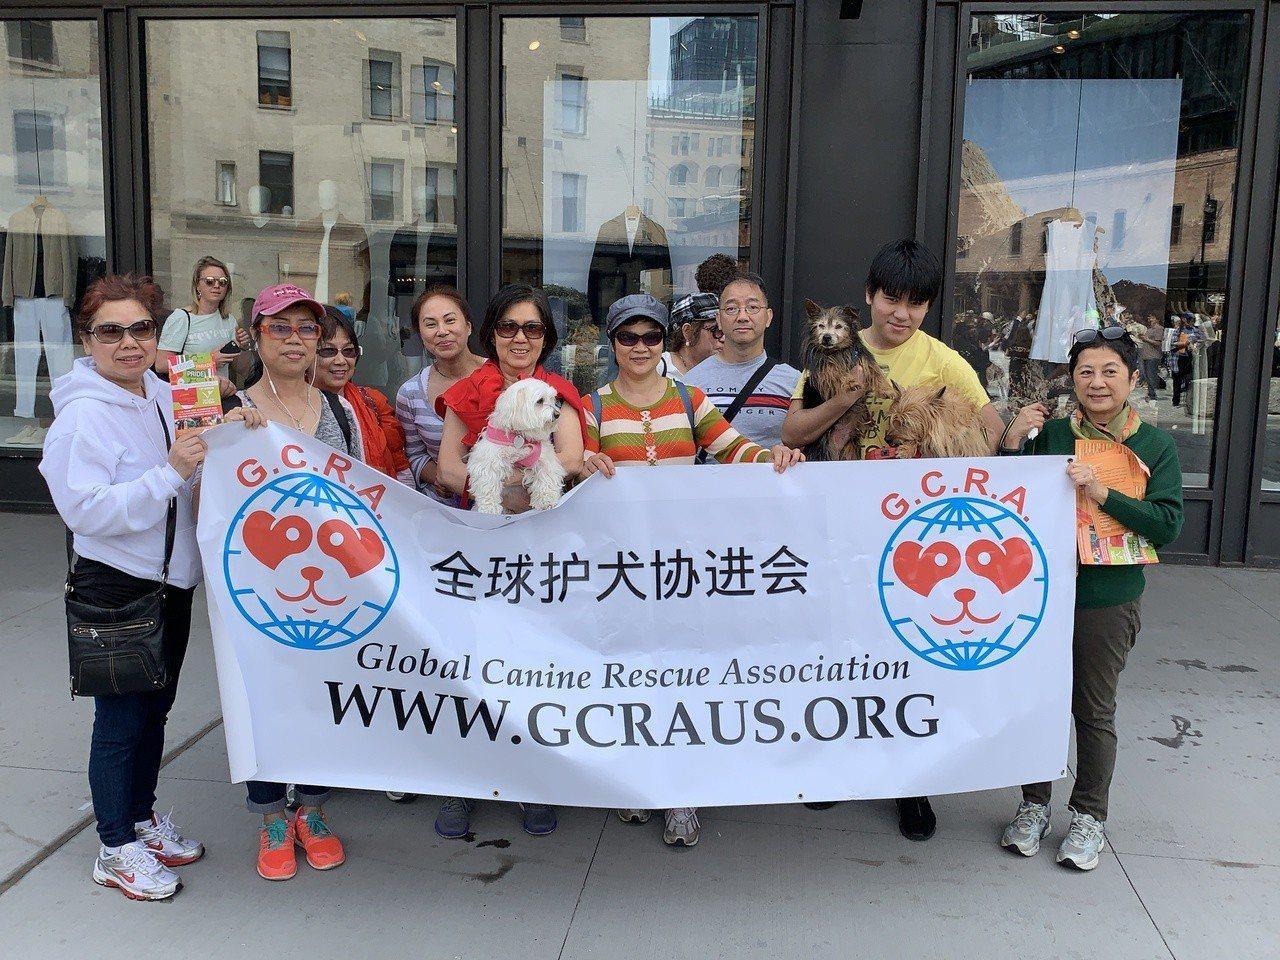 呼籲改變華人殺狗負面形象,華裔踴躍參加素食遊行。 記者和釗宇/攝影